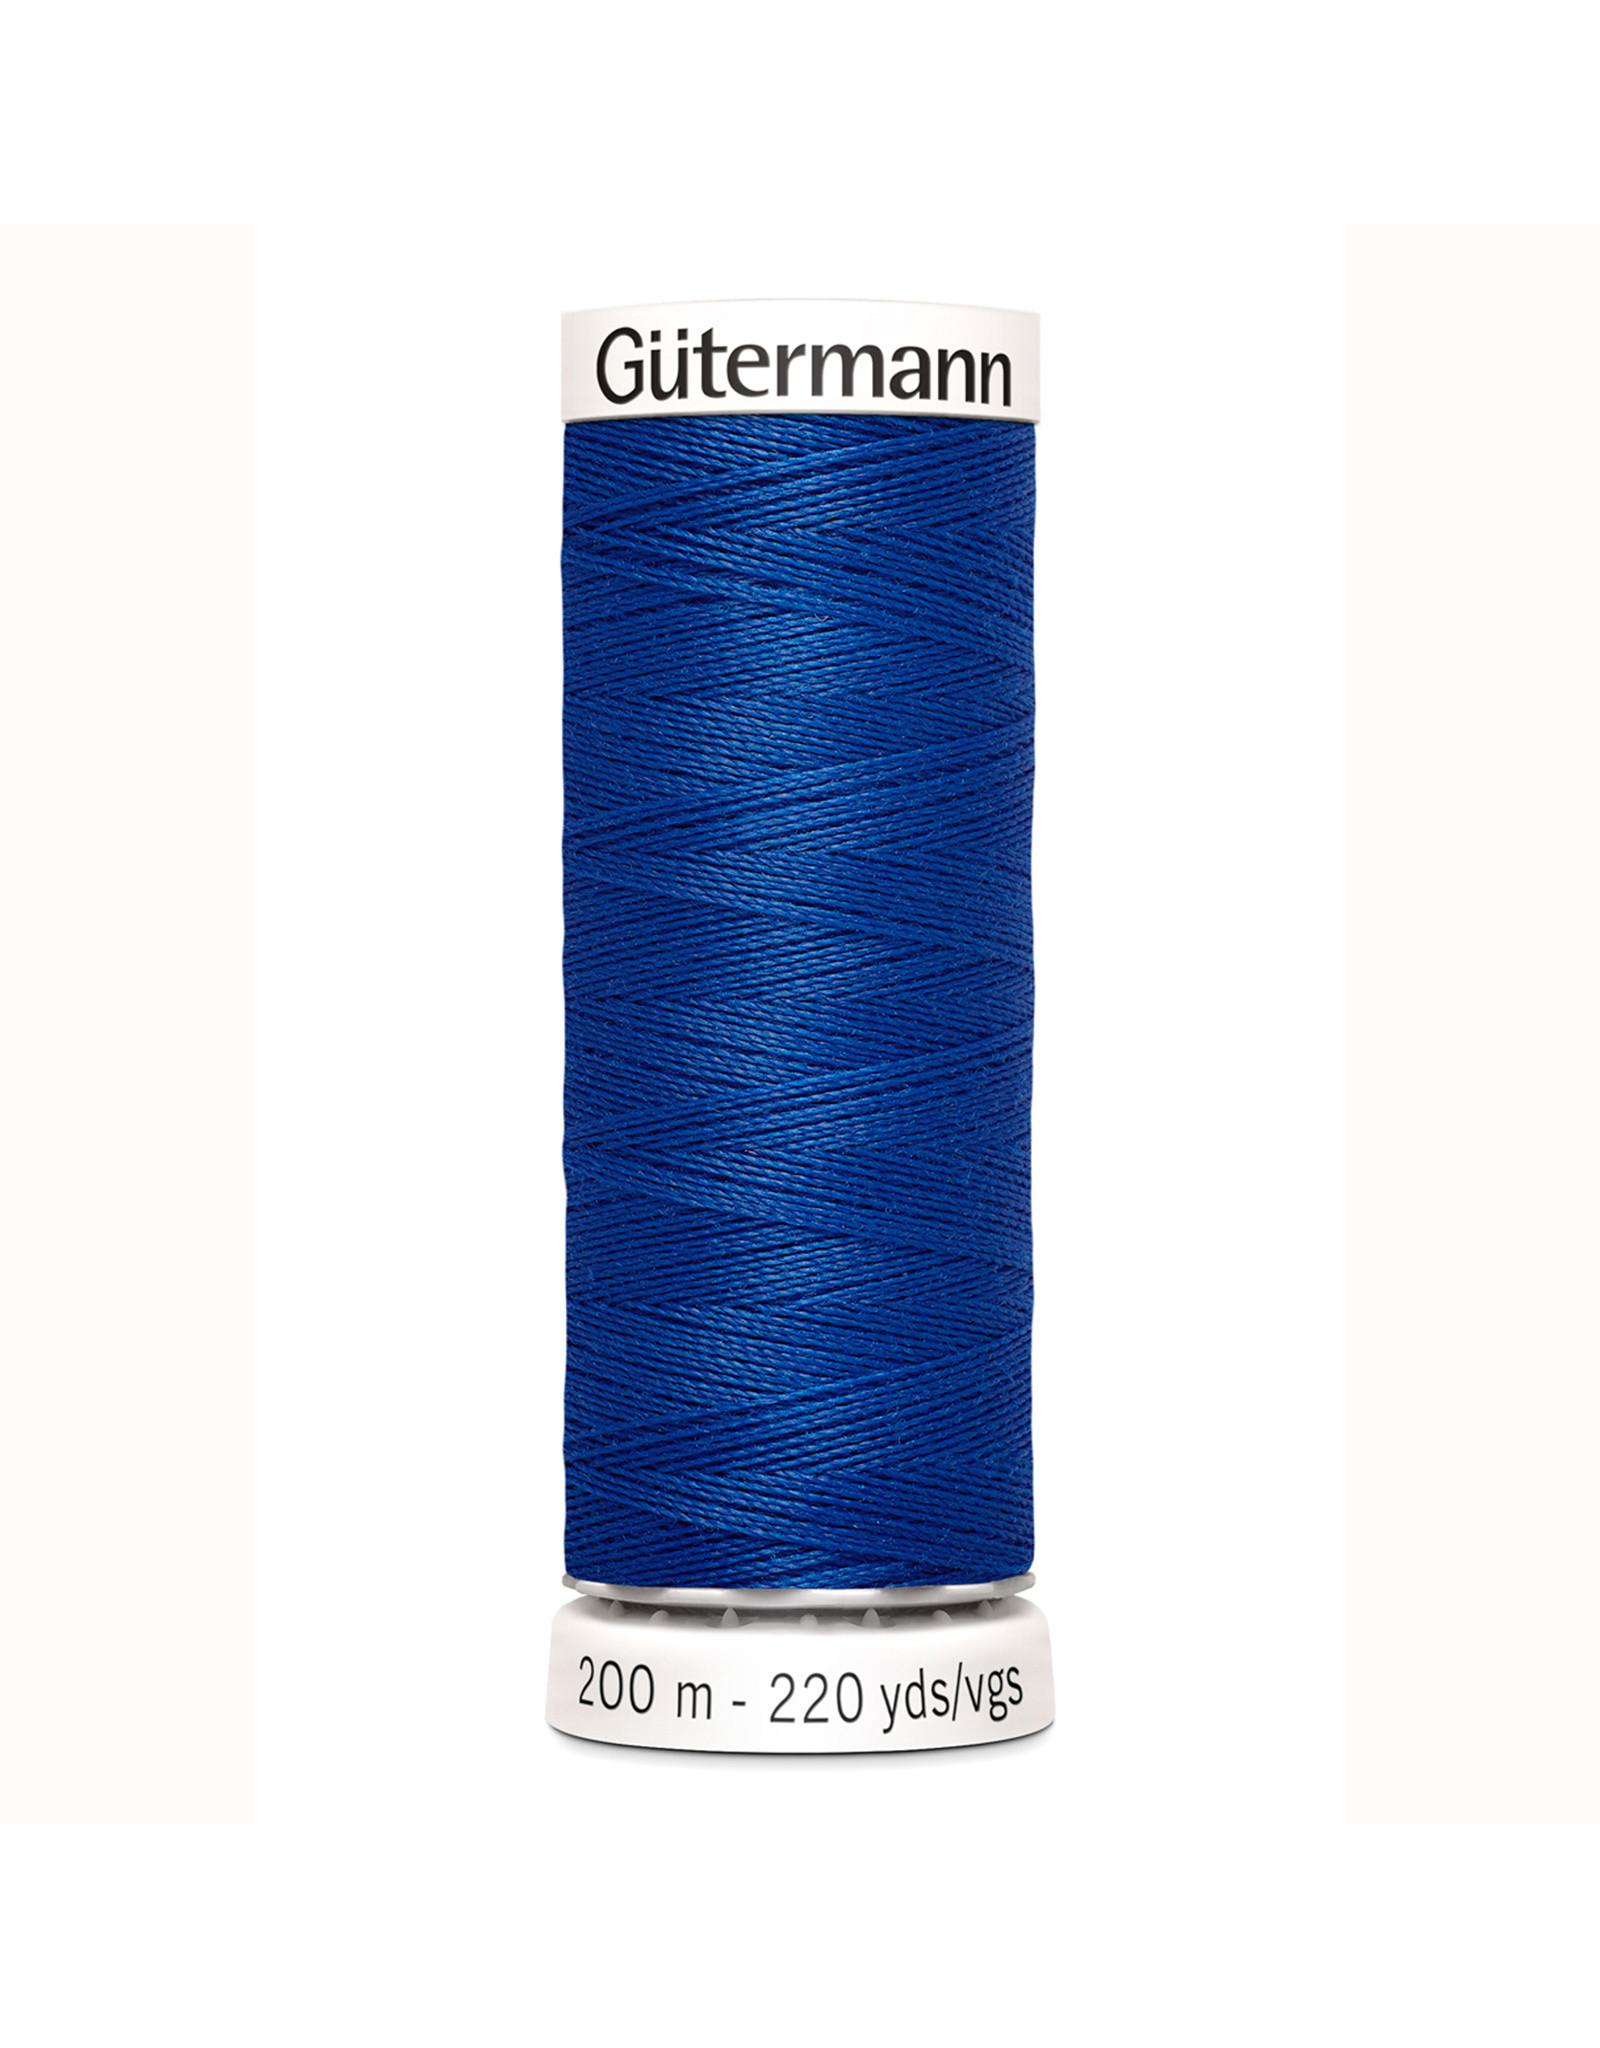 Gütermann Gütermann Sewing Thread 200 m - nr 316